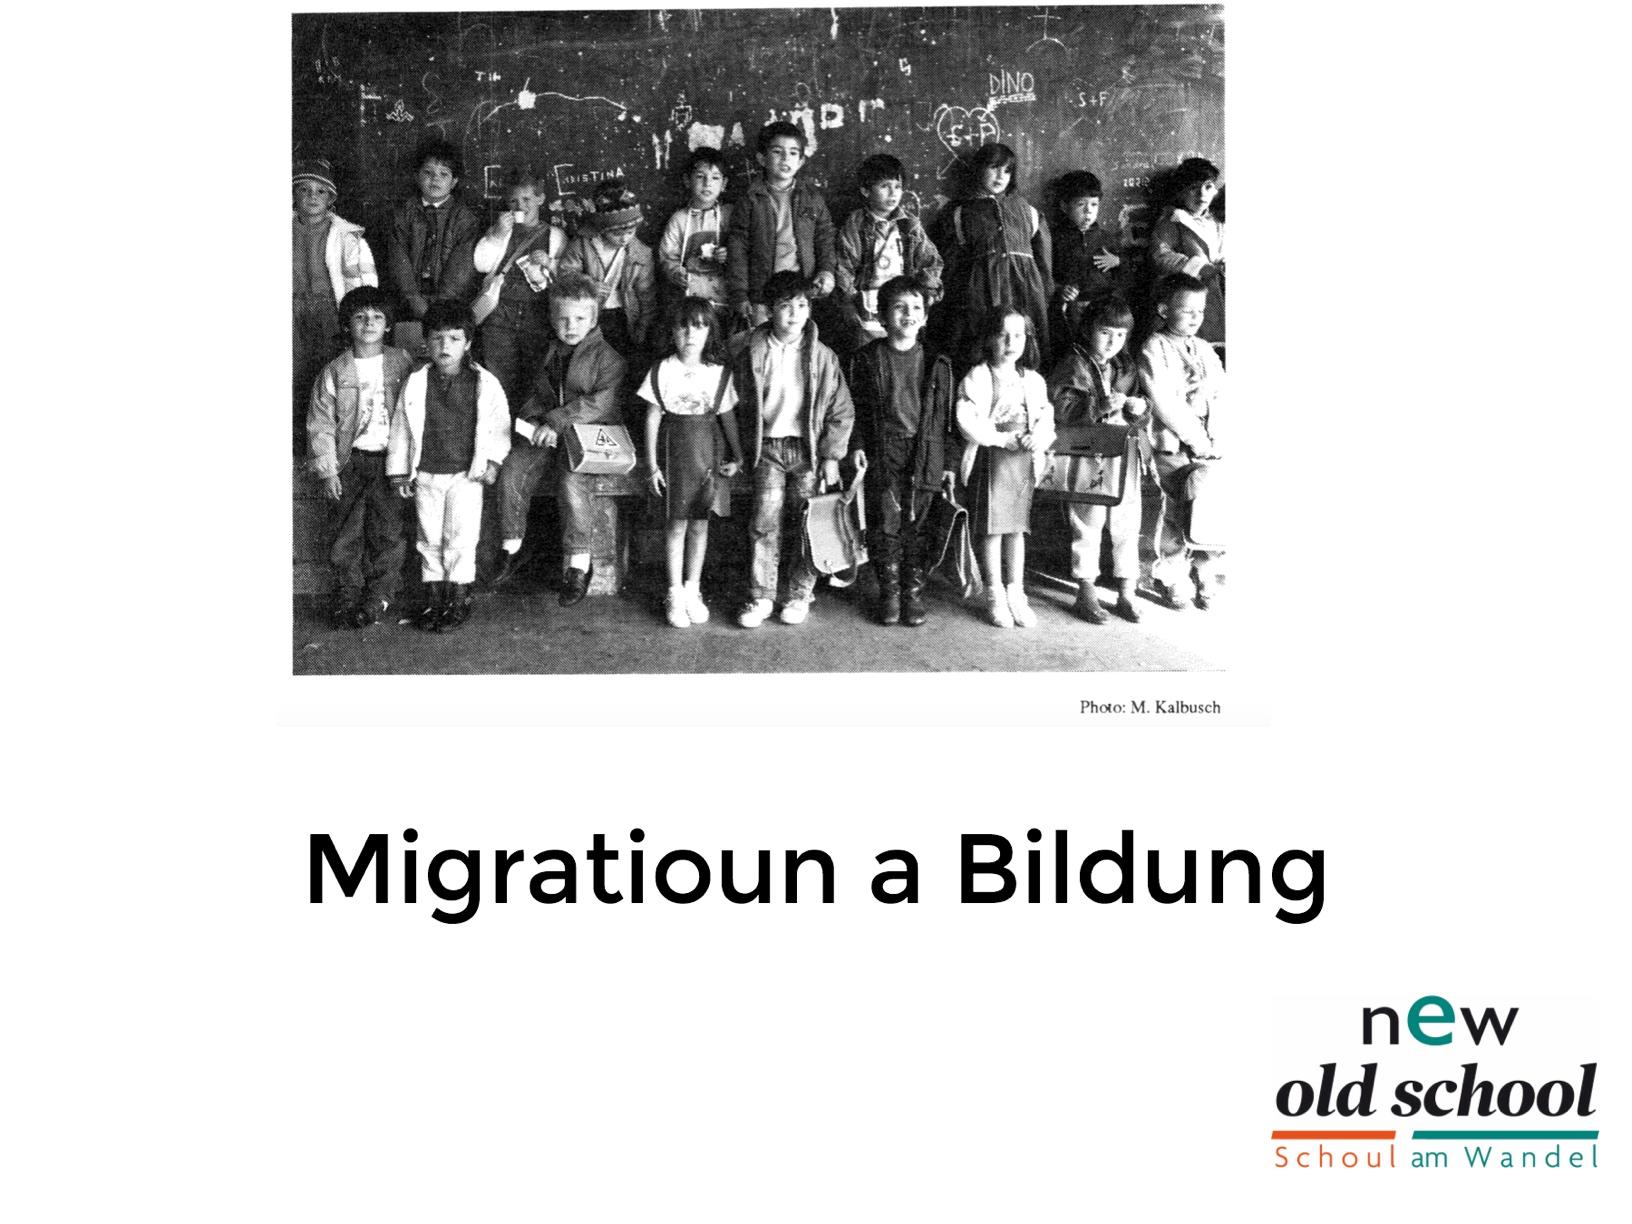 Migratioun a Bildung